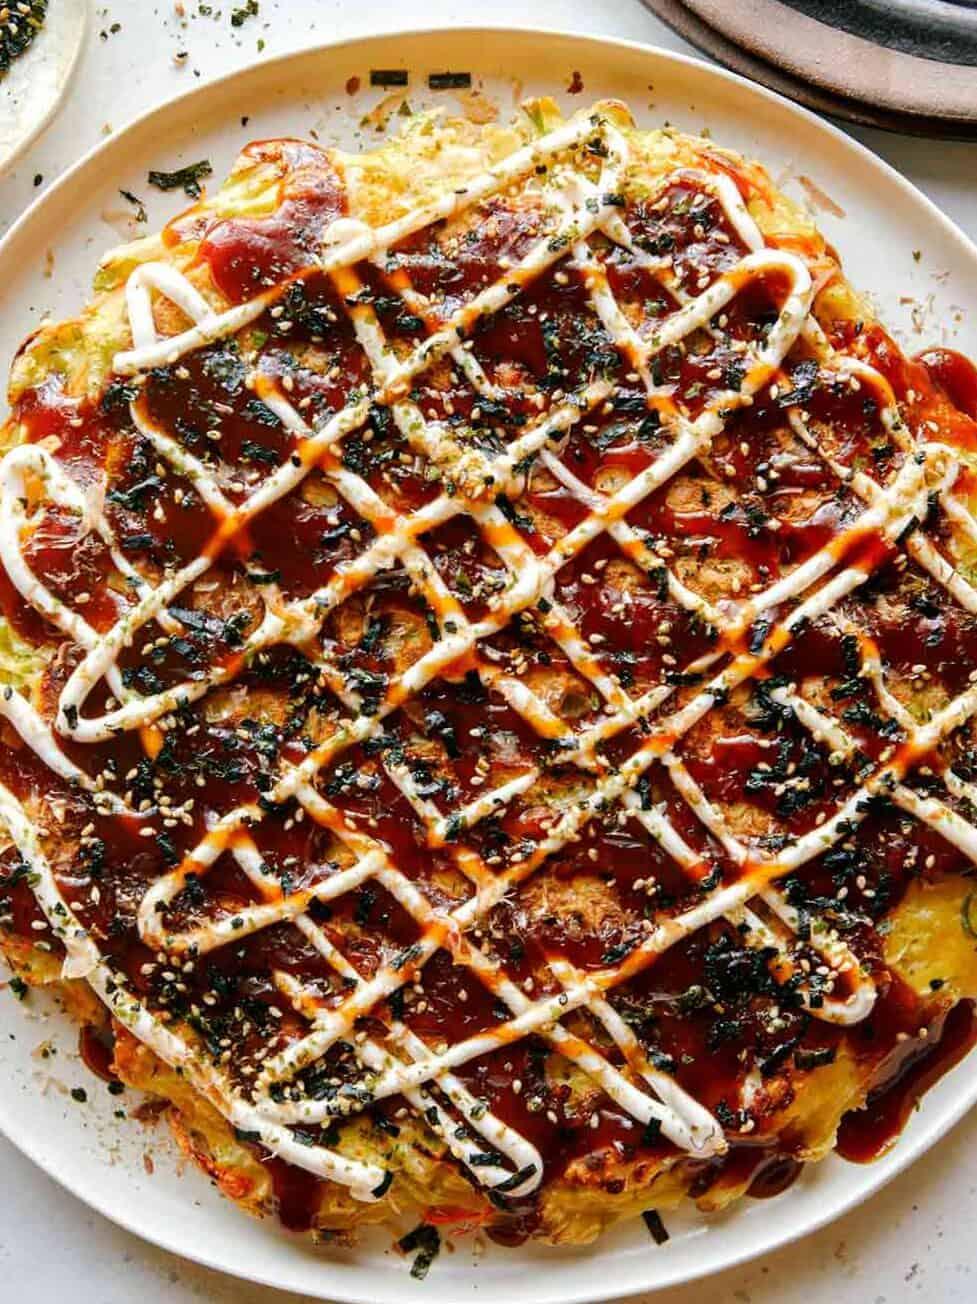 Okonomiyaki on a plate with fork next to it.